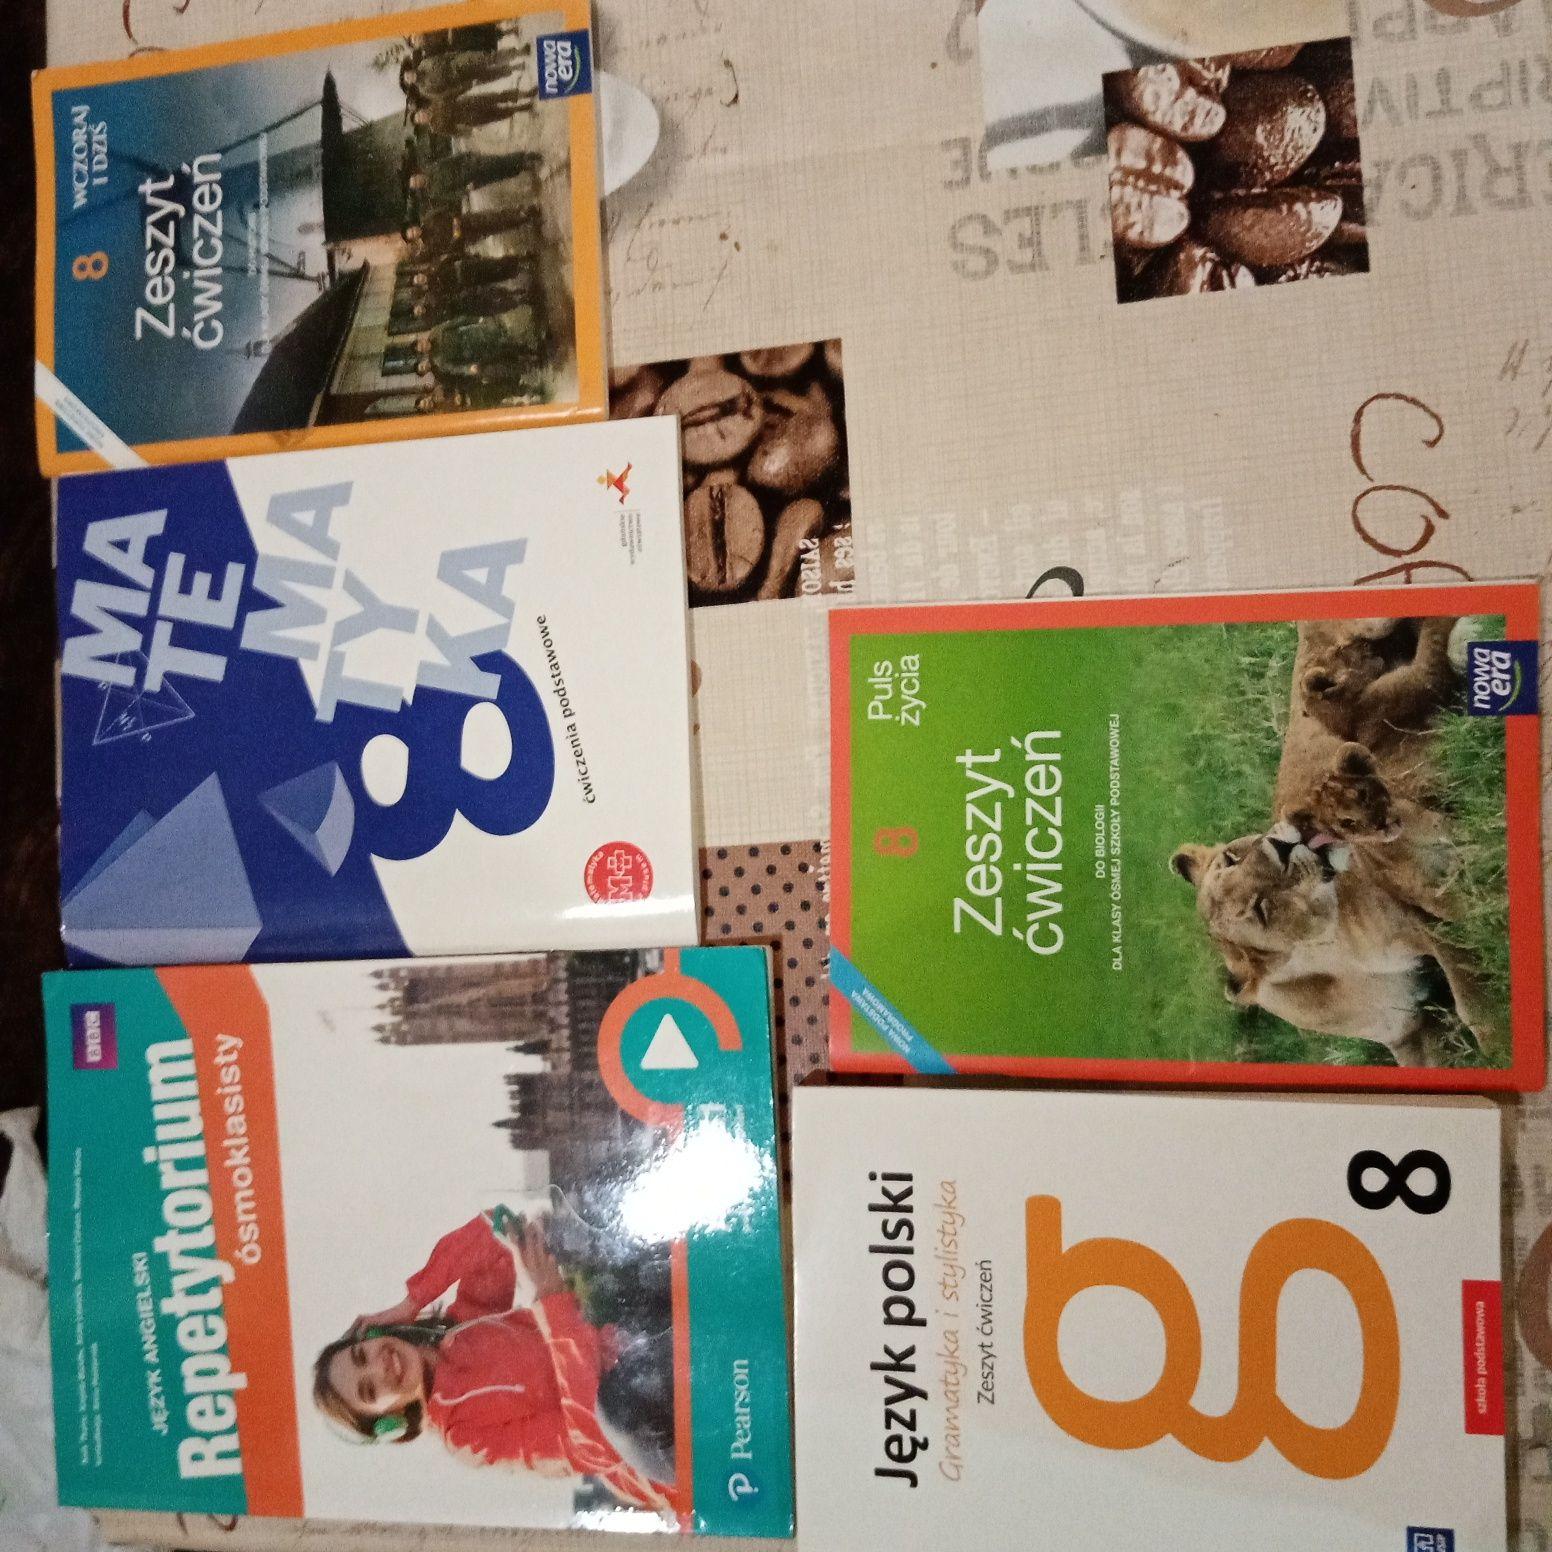 Sprzedam ćwiczenia kl 8 i podręcznik język angielski